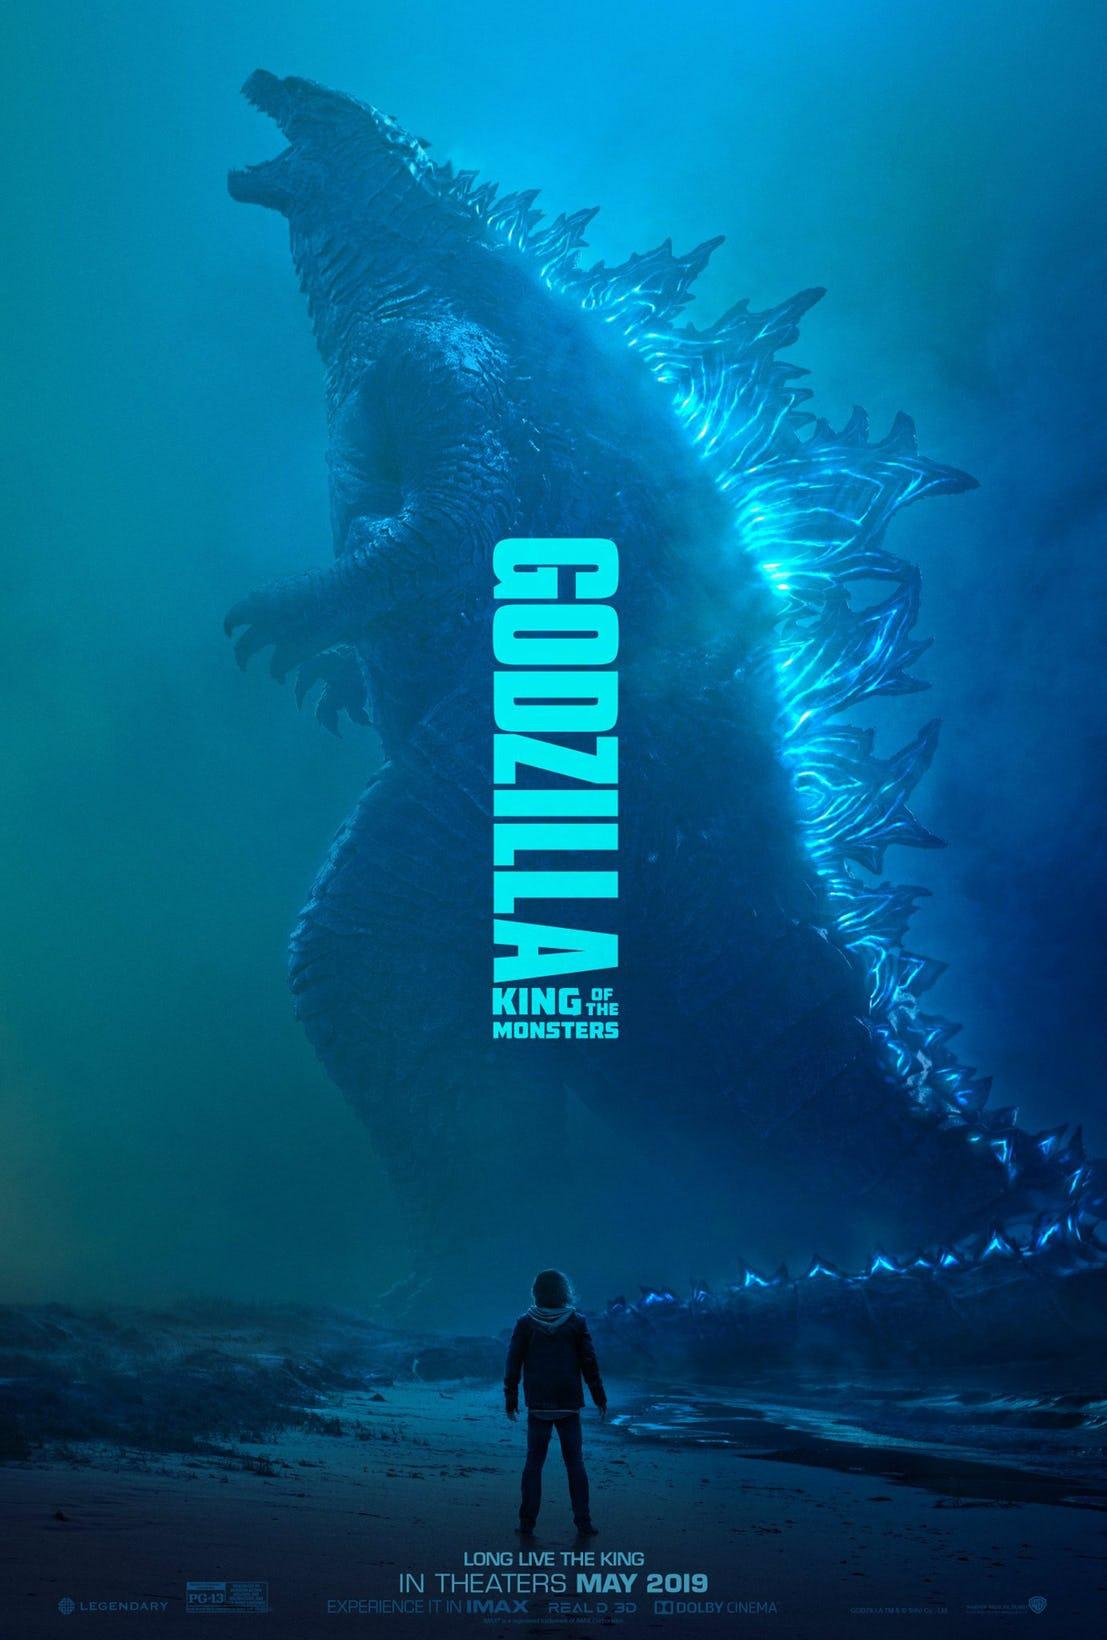 پوستر جدید و دومین تریلر فیلم گودزیلا: سلطان هیولاها